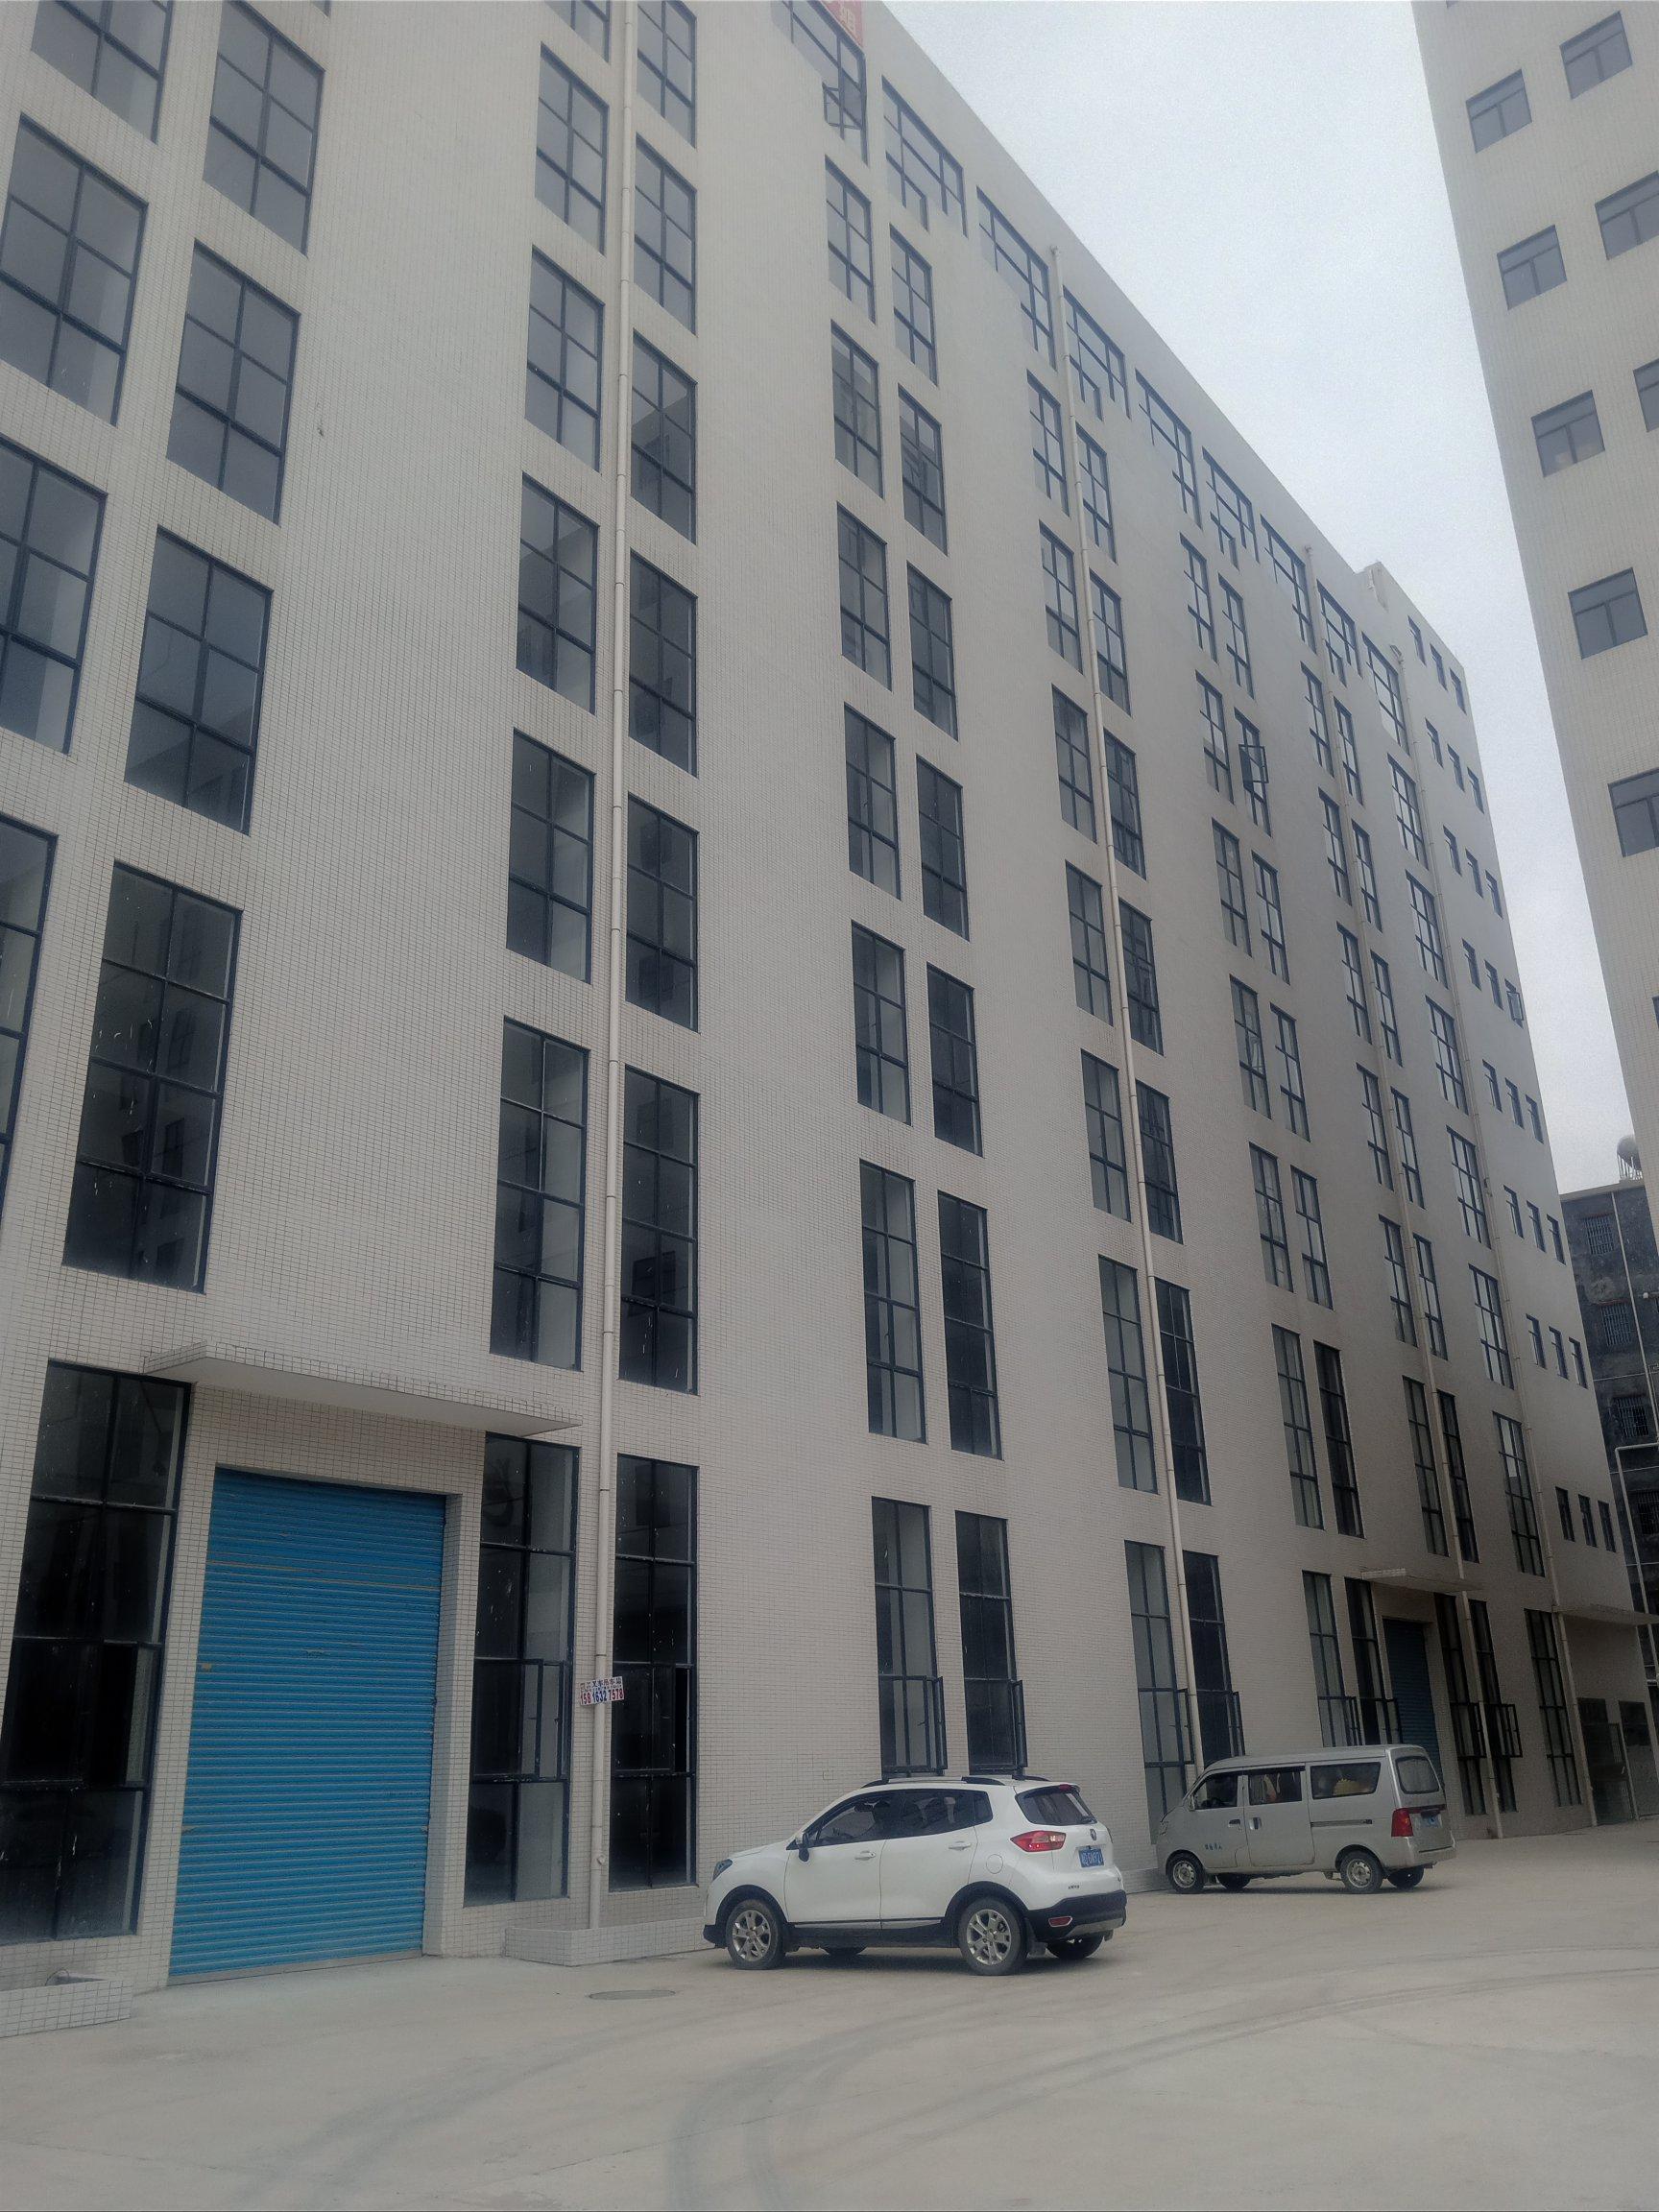 仲恺高新区沥林带五吨电梯楼上1050平方招租